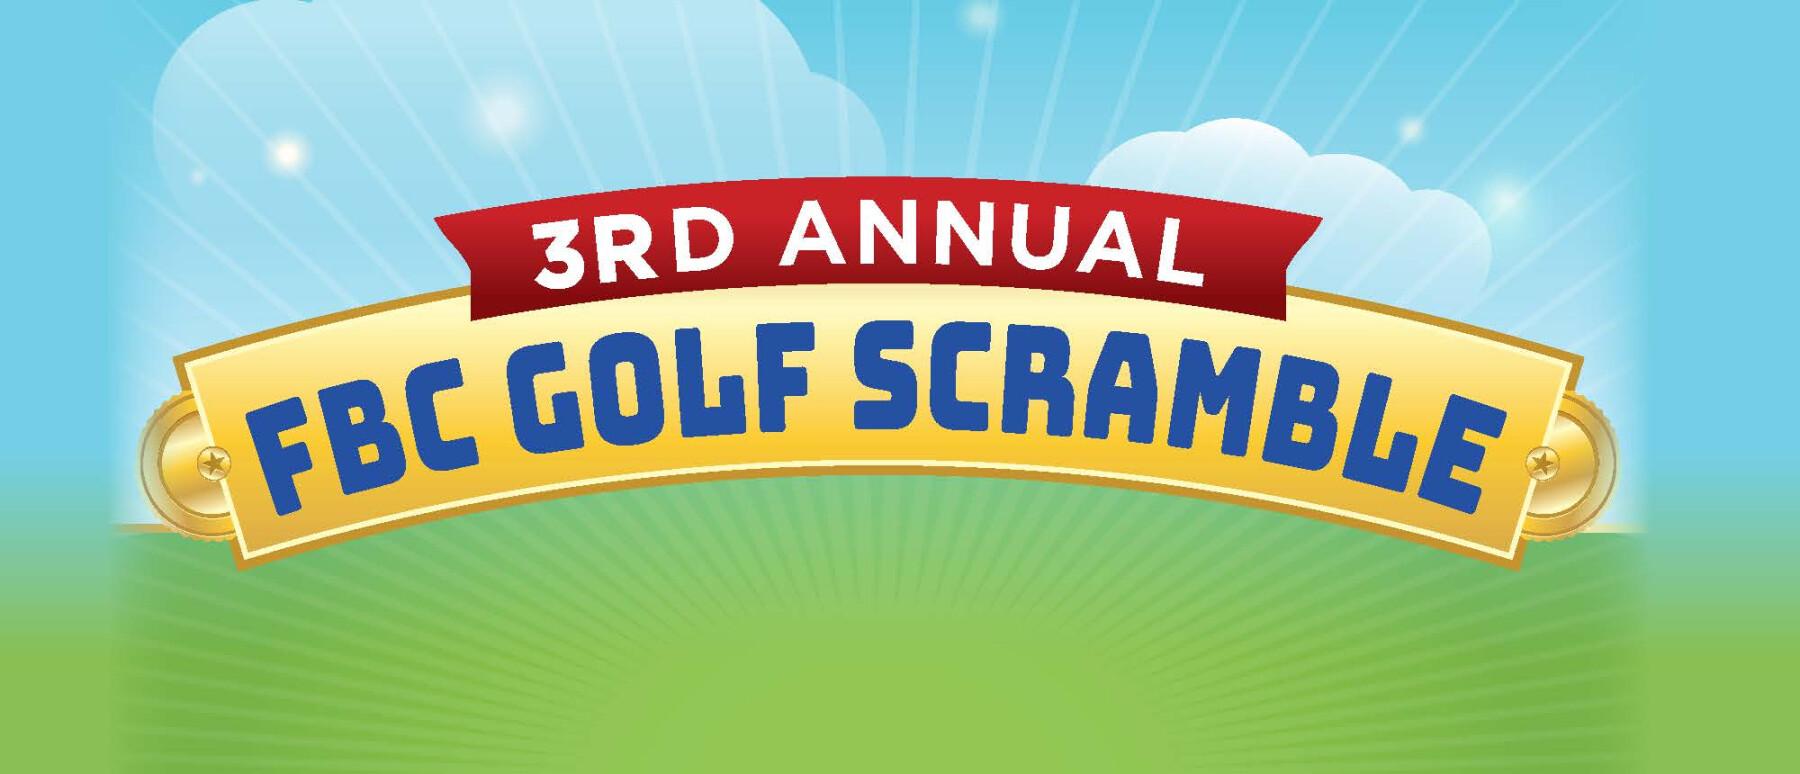 3rd Annual FBC Golf Scramble